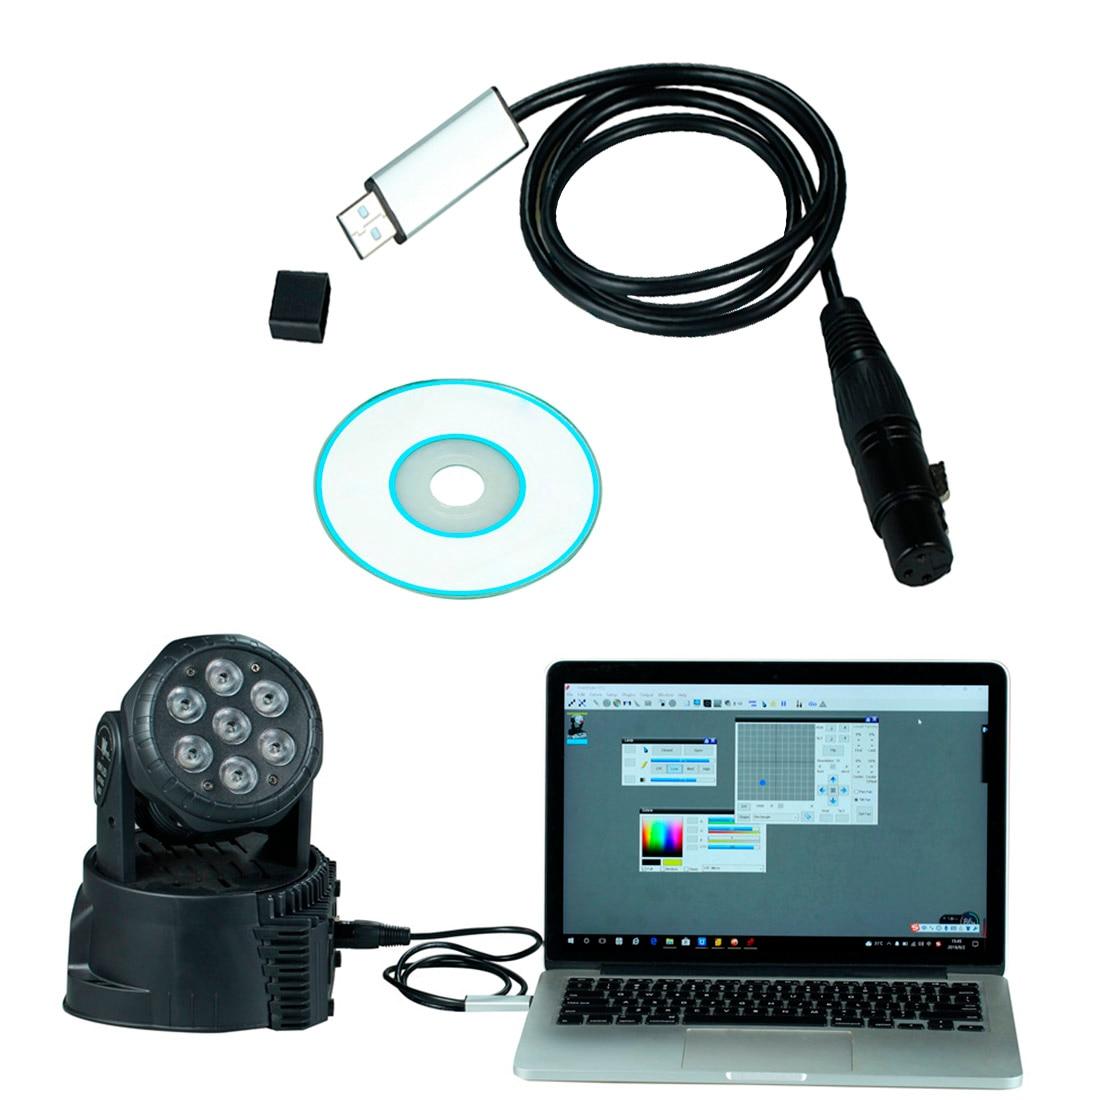 USB para DMX Adaptador de Interface de Cabo de 110 cm de Comprimento Luz Do Estágio do PC DMX512 Controlador Dimmer DMX USB Conversão de Sinal